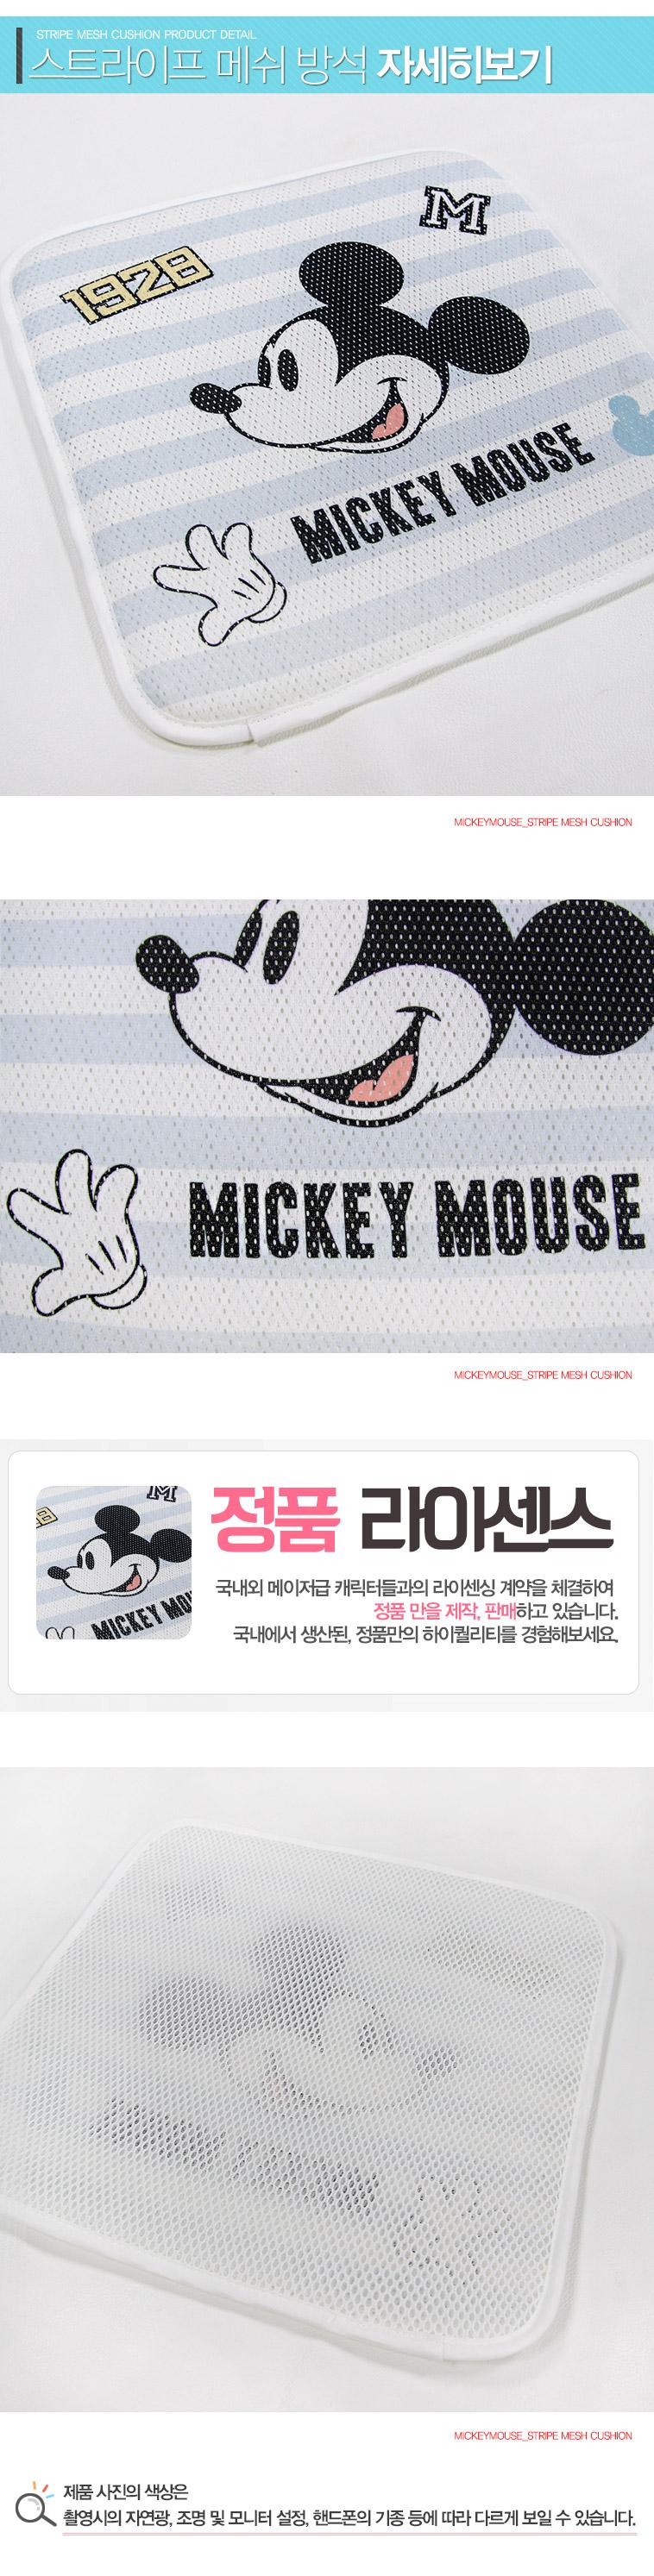 미키마우스 스트라이프 메쉬방석 - 나라홈데코, 12,900원, 방석, 캐릭터